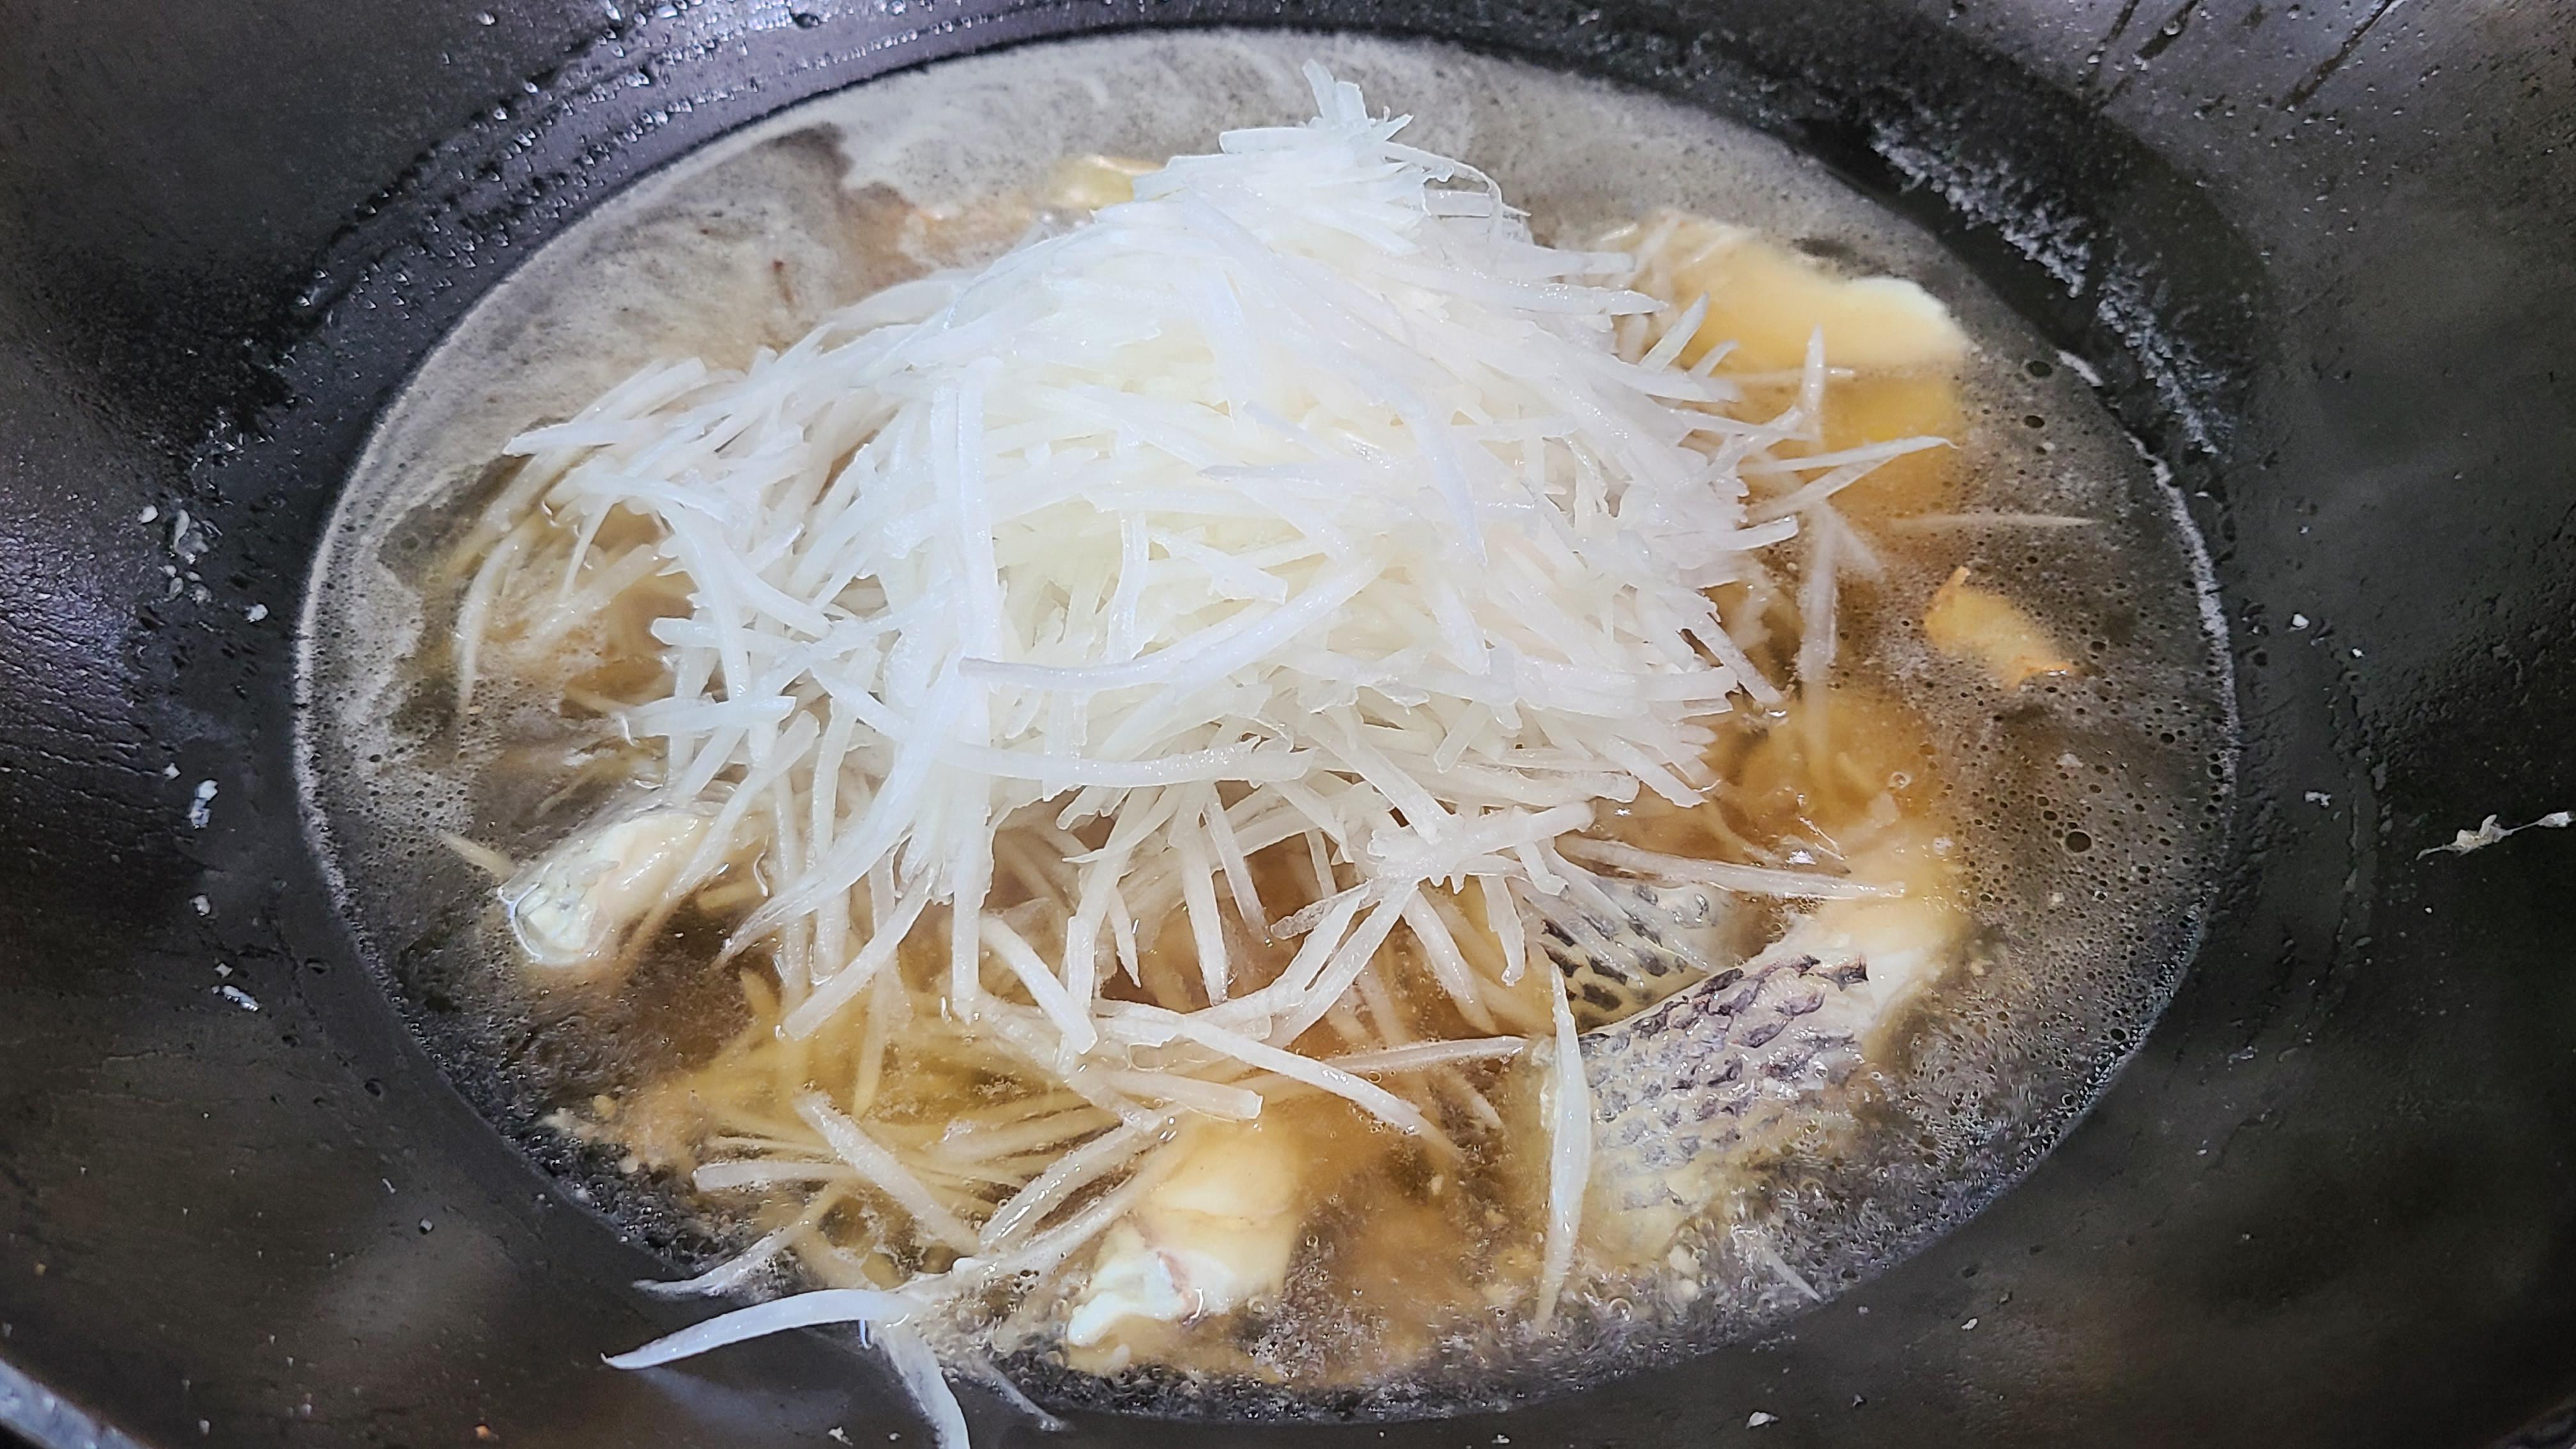 這一道蘿蔔燉魚太香了,味道鮮美做法簡單,好吃又便宜